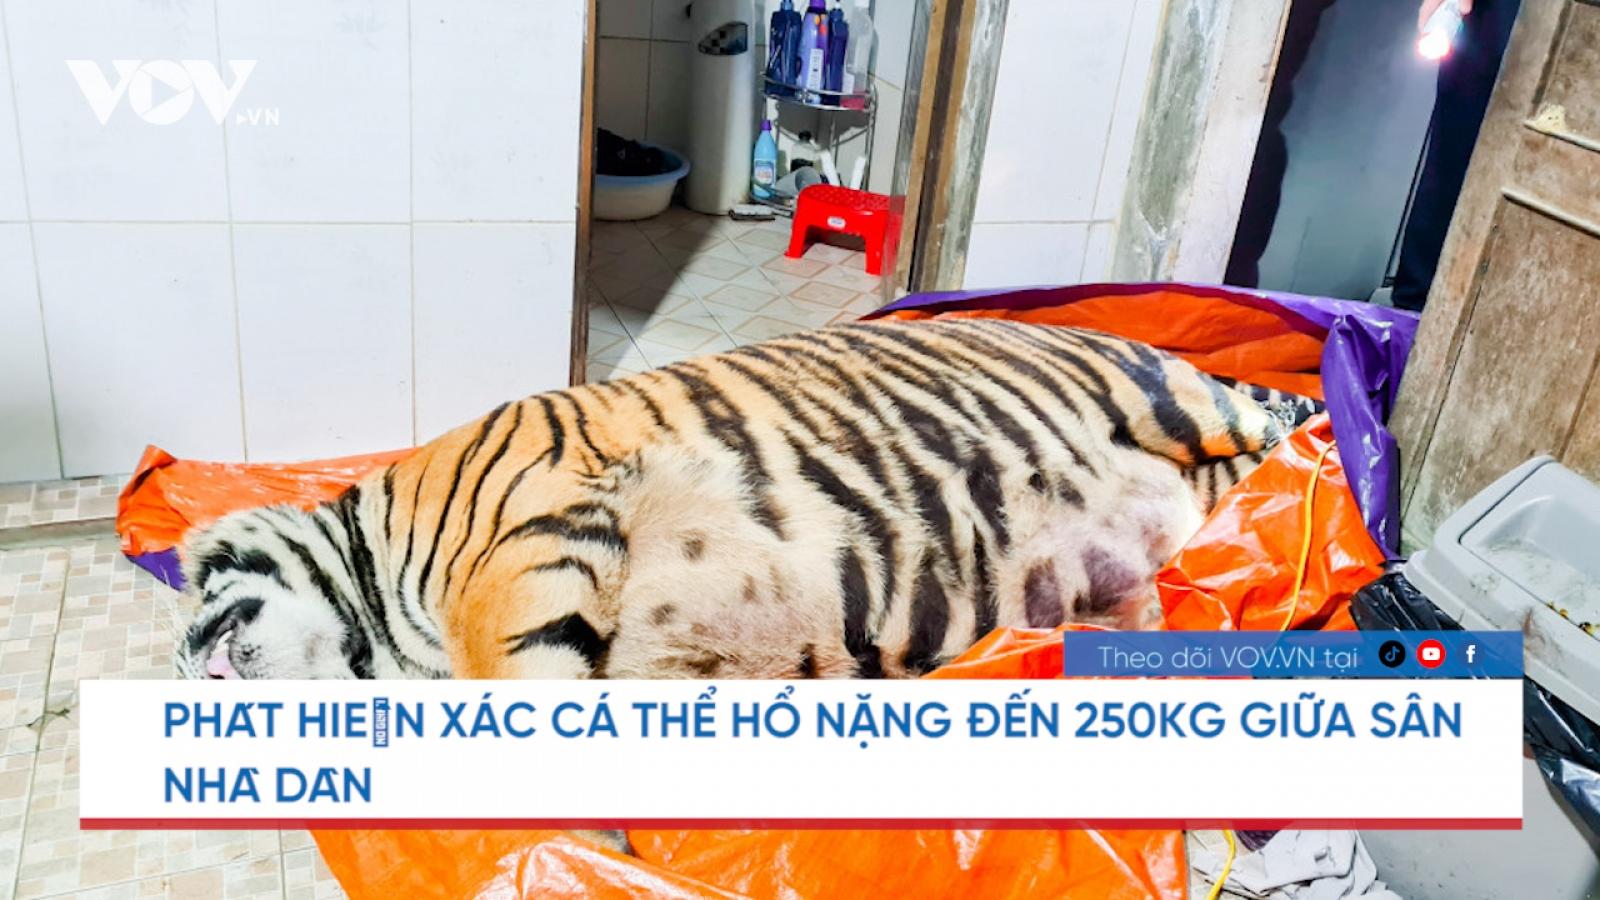 """Nóng 24h: Xác cá thể hổ nằm giữa sân nhà dân, chủ nhà """"đi vắng"""""""